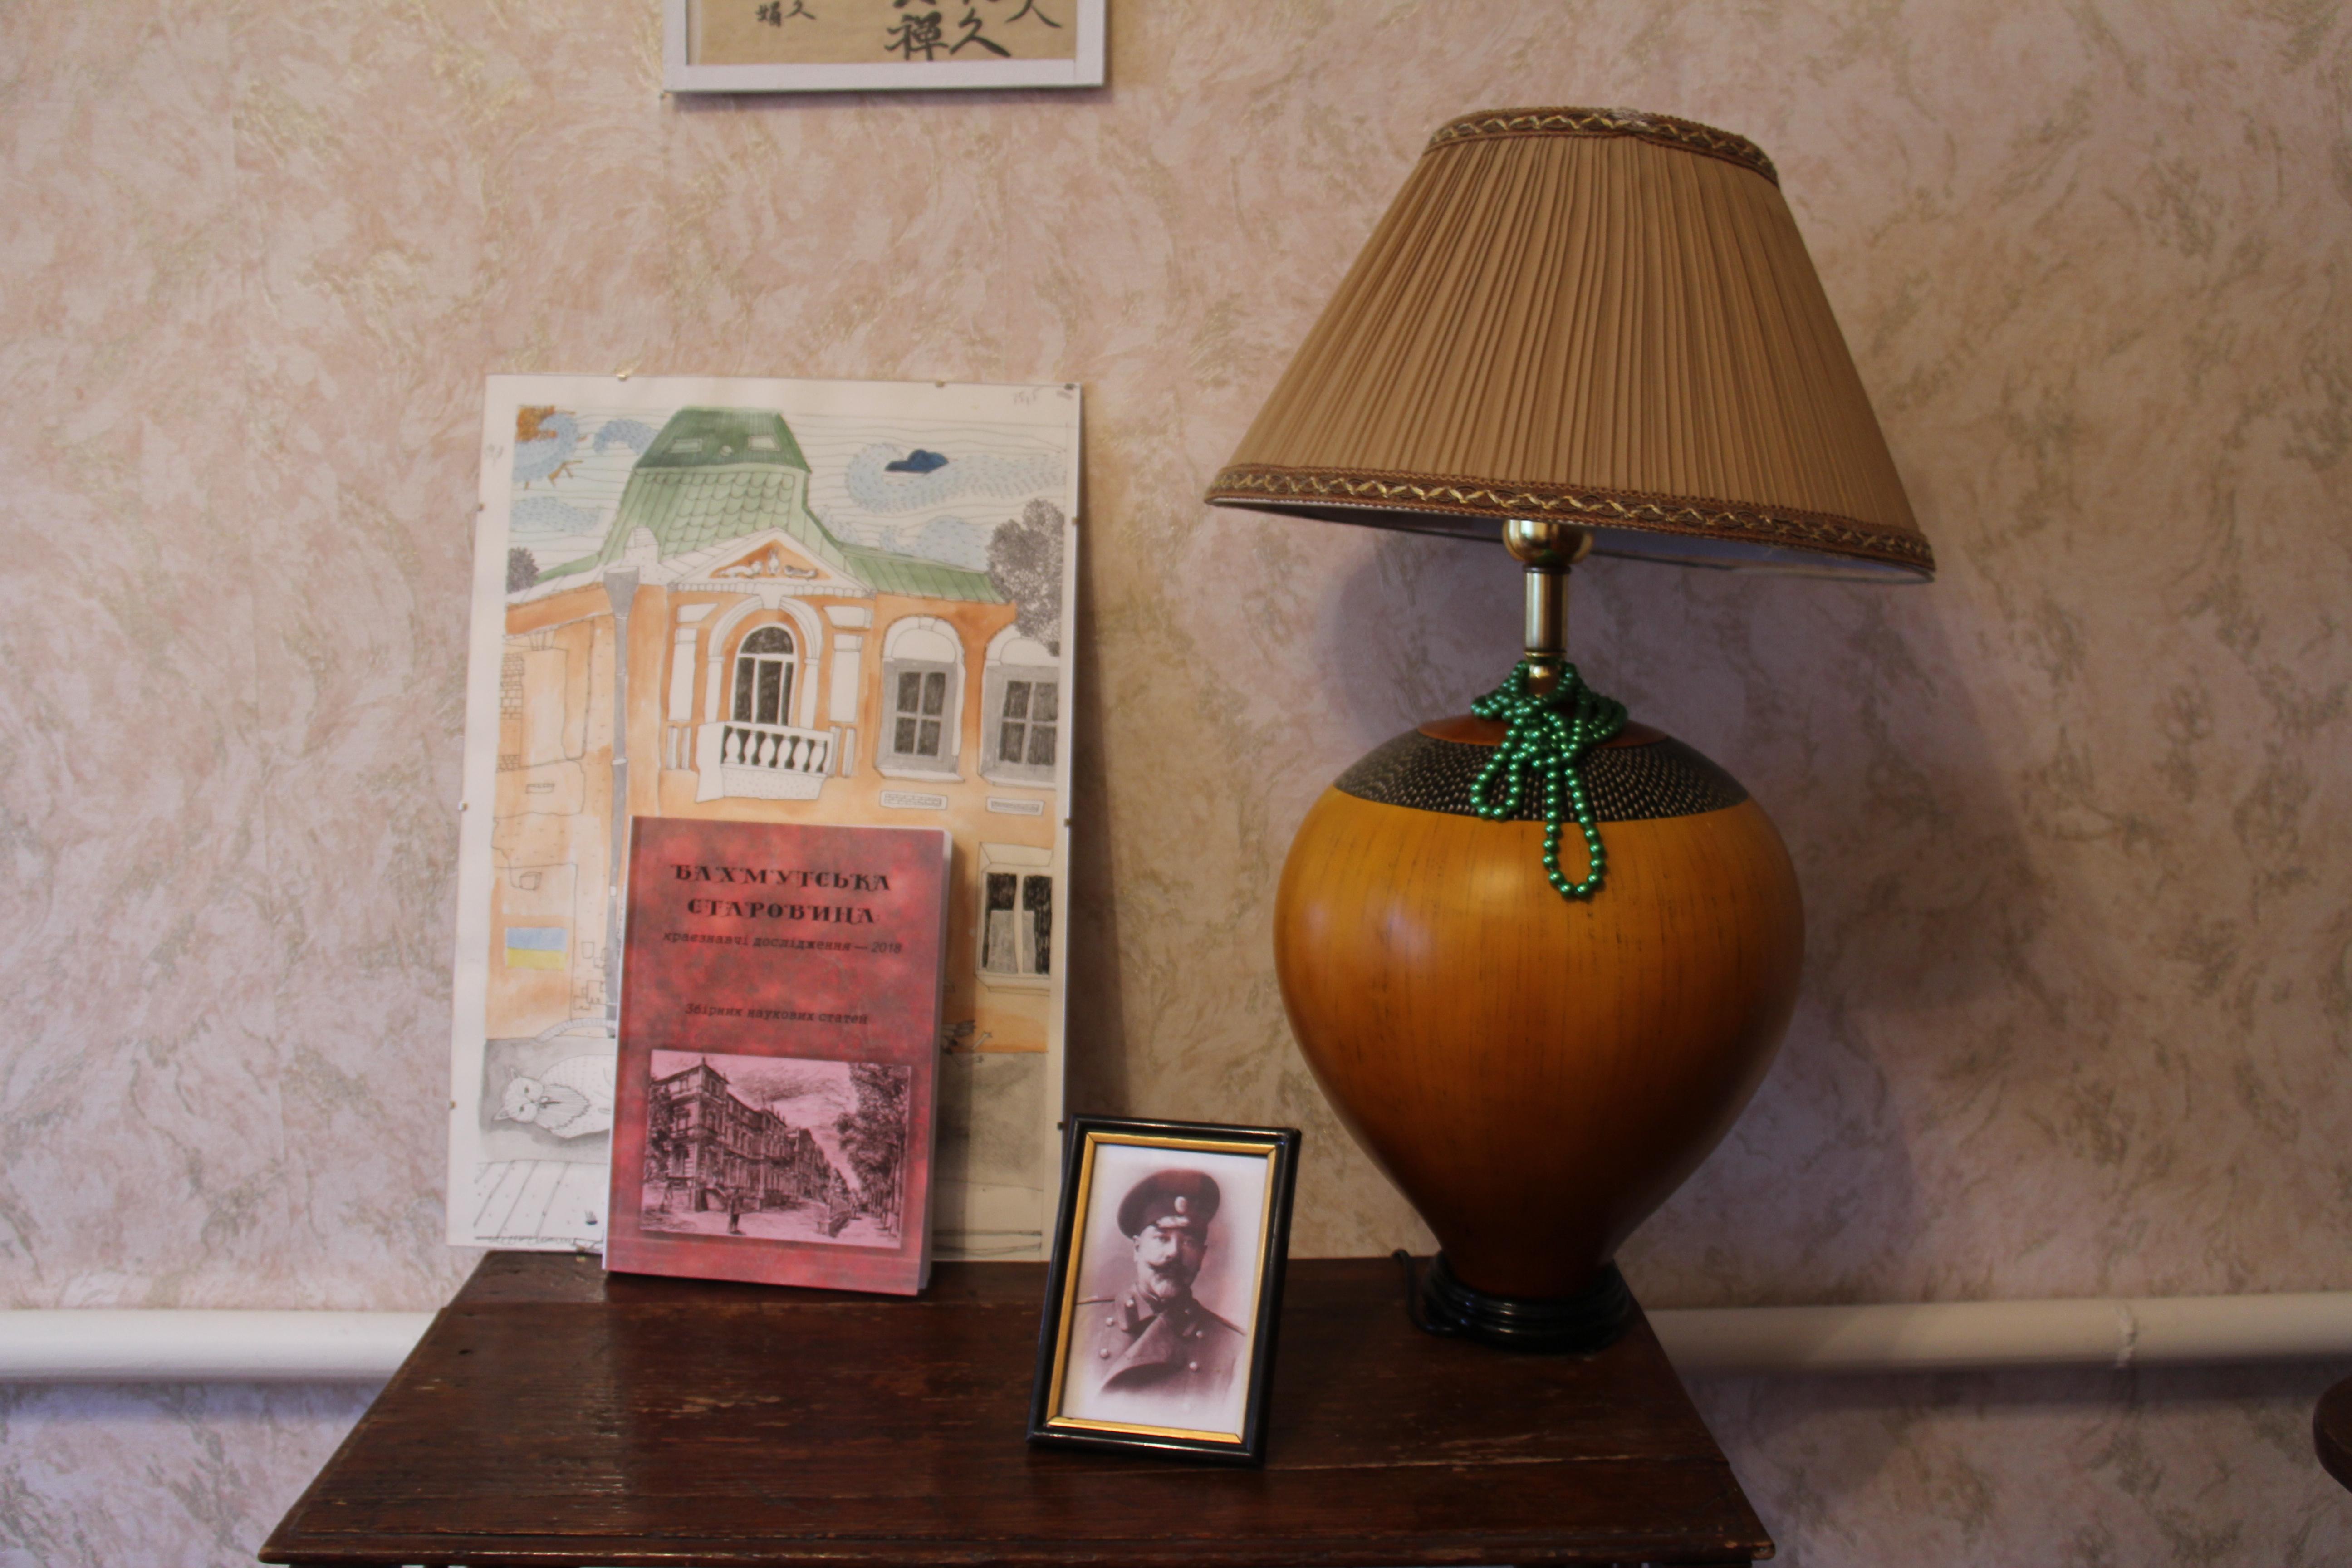 Експонати Бахмутського краєзнавчого музею